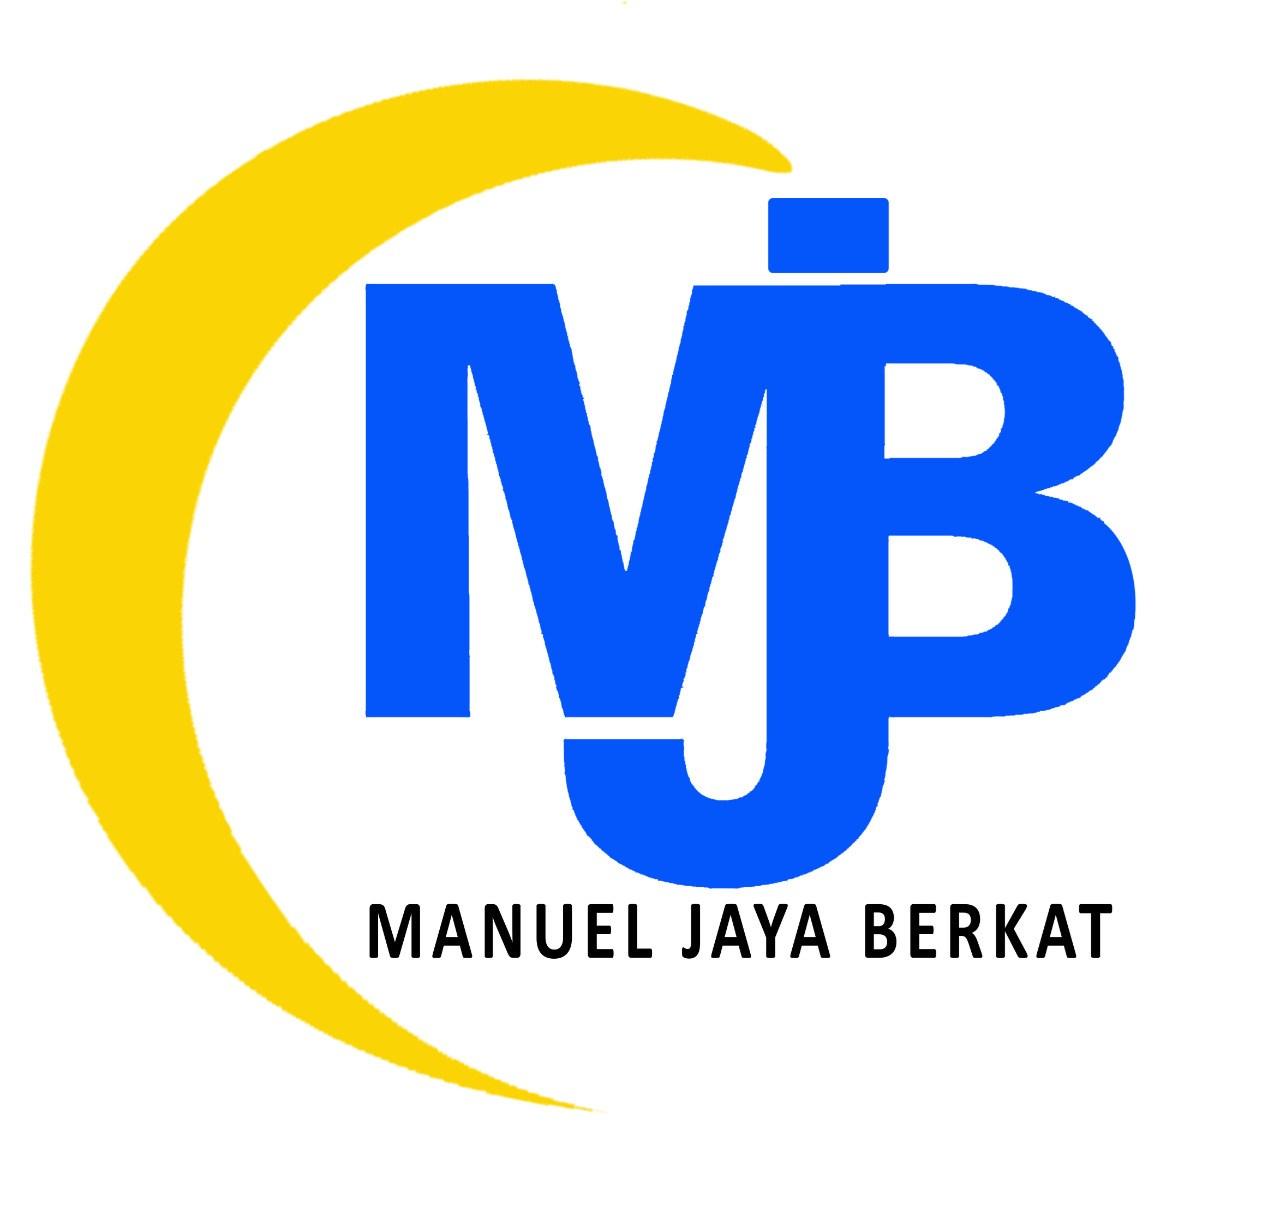 Manuel Jaya Berkat